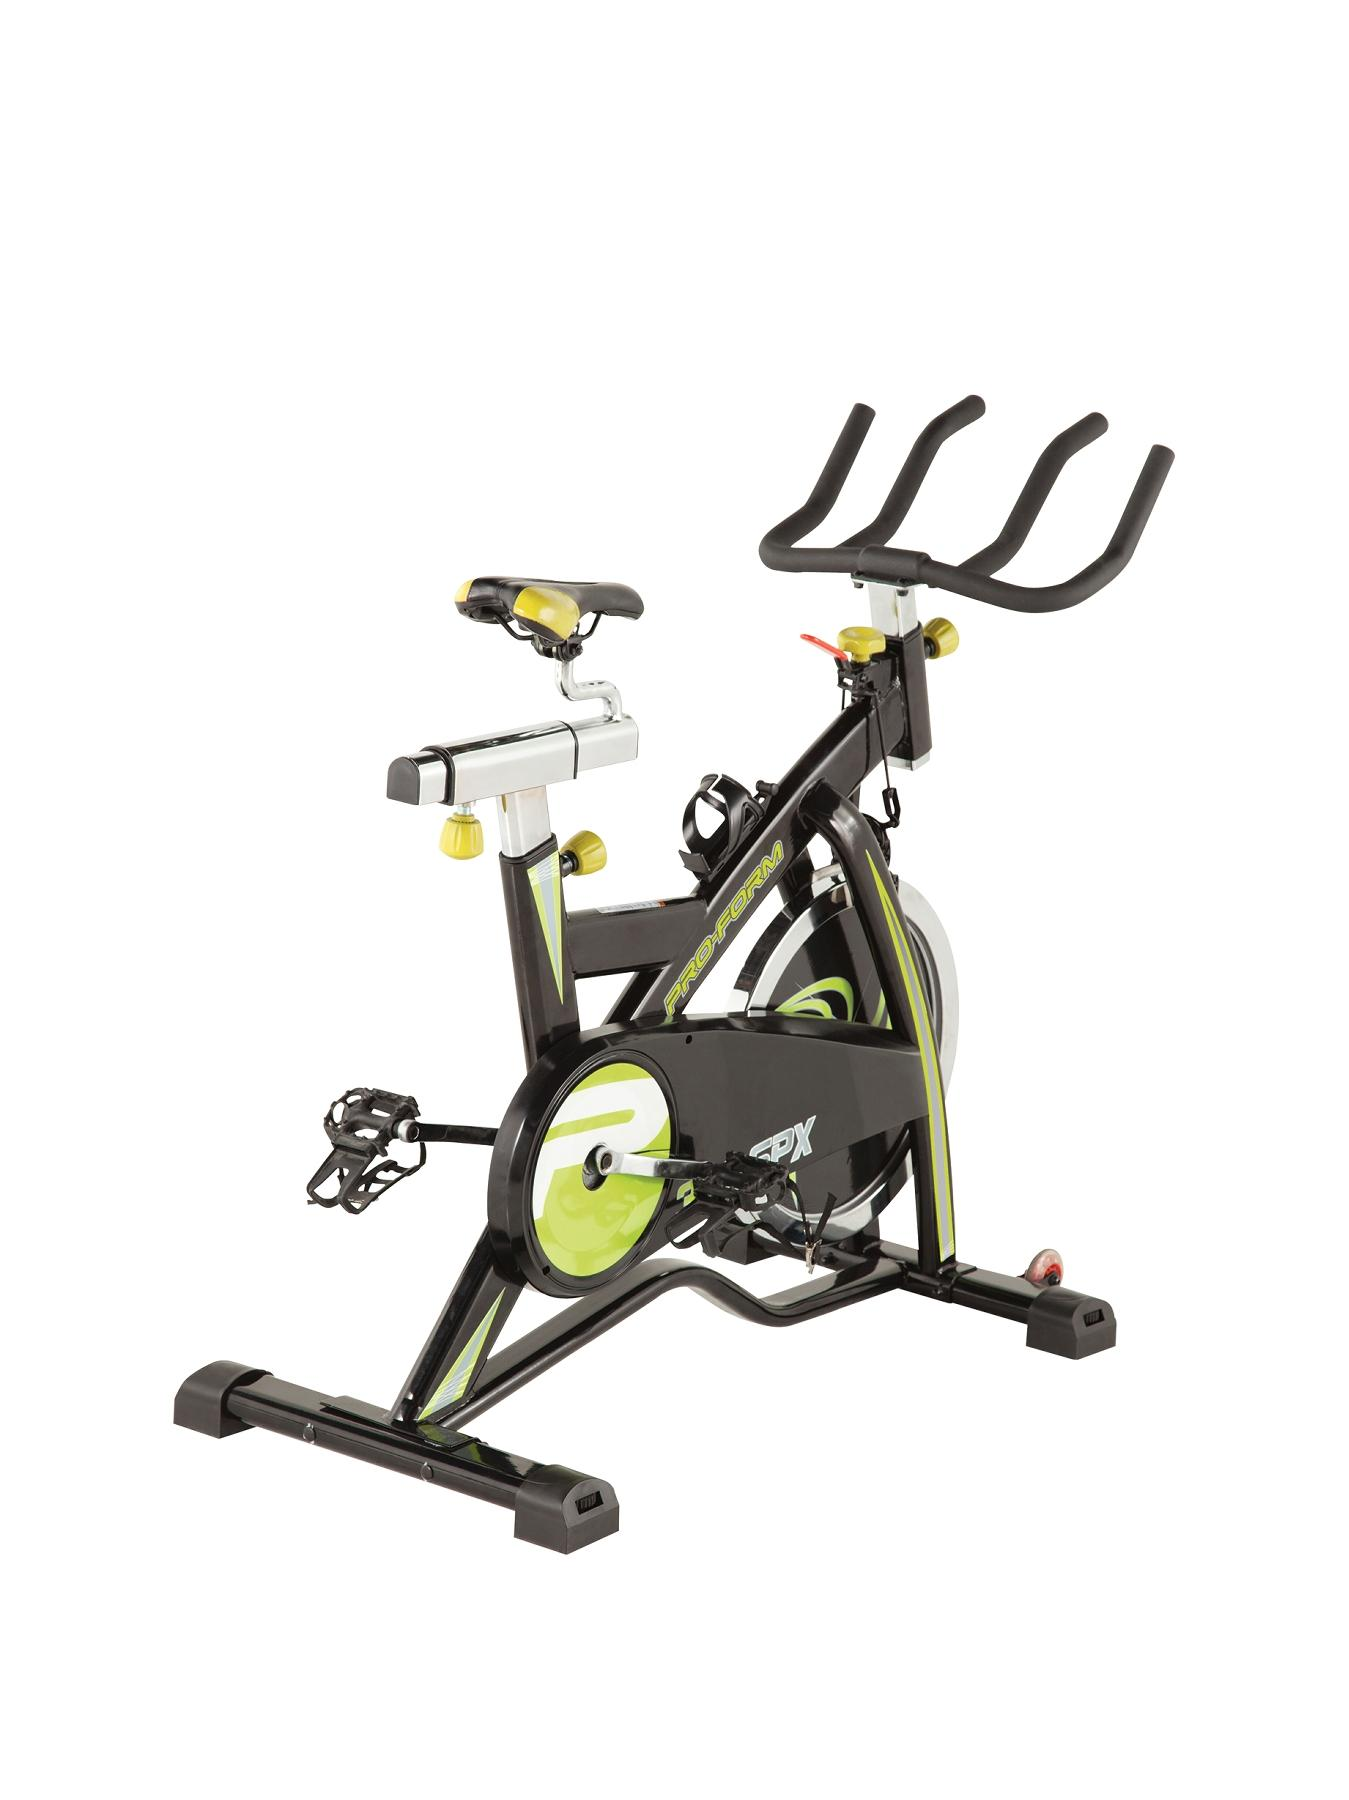 320 SPX Indoor Cycle